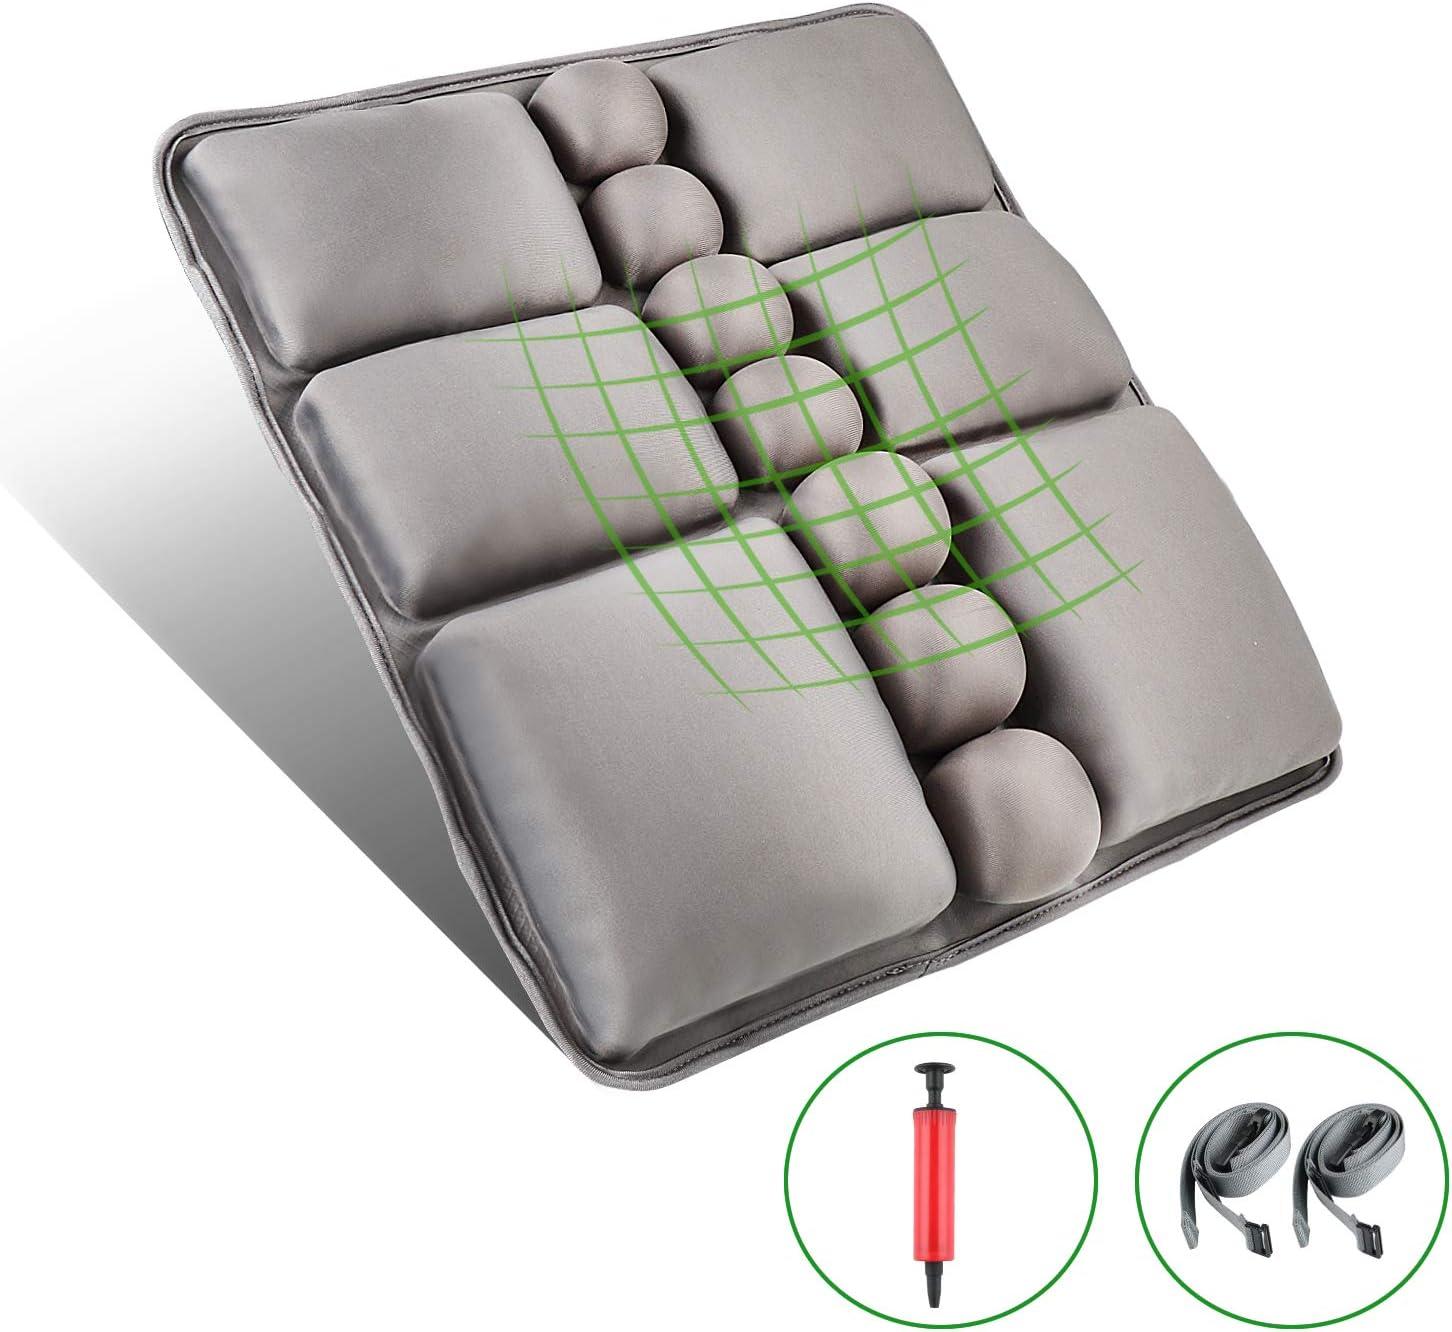 Reisen Zur/ückkissen schwarzem ergonomischem Sitzpolster B/ürostuhl weicher Rest ERGOGO Memory Foam Pillow das mit dem 3D-Ineinandergreifendeckel Speicherschaum Lendenunterst/ützungskissen